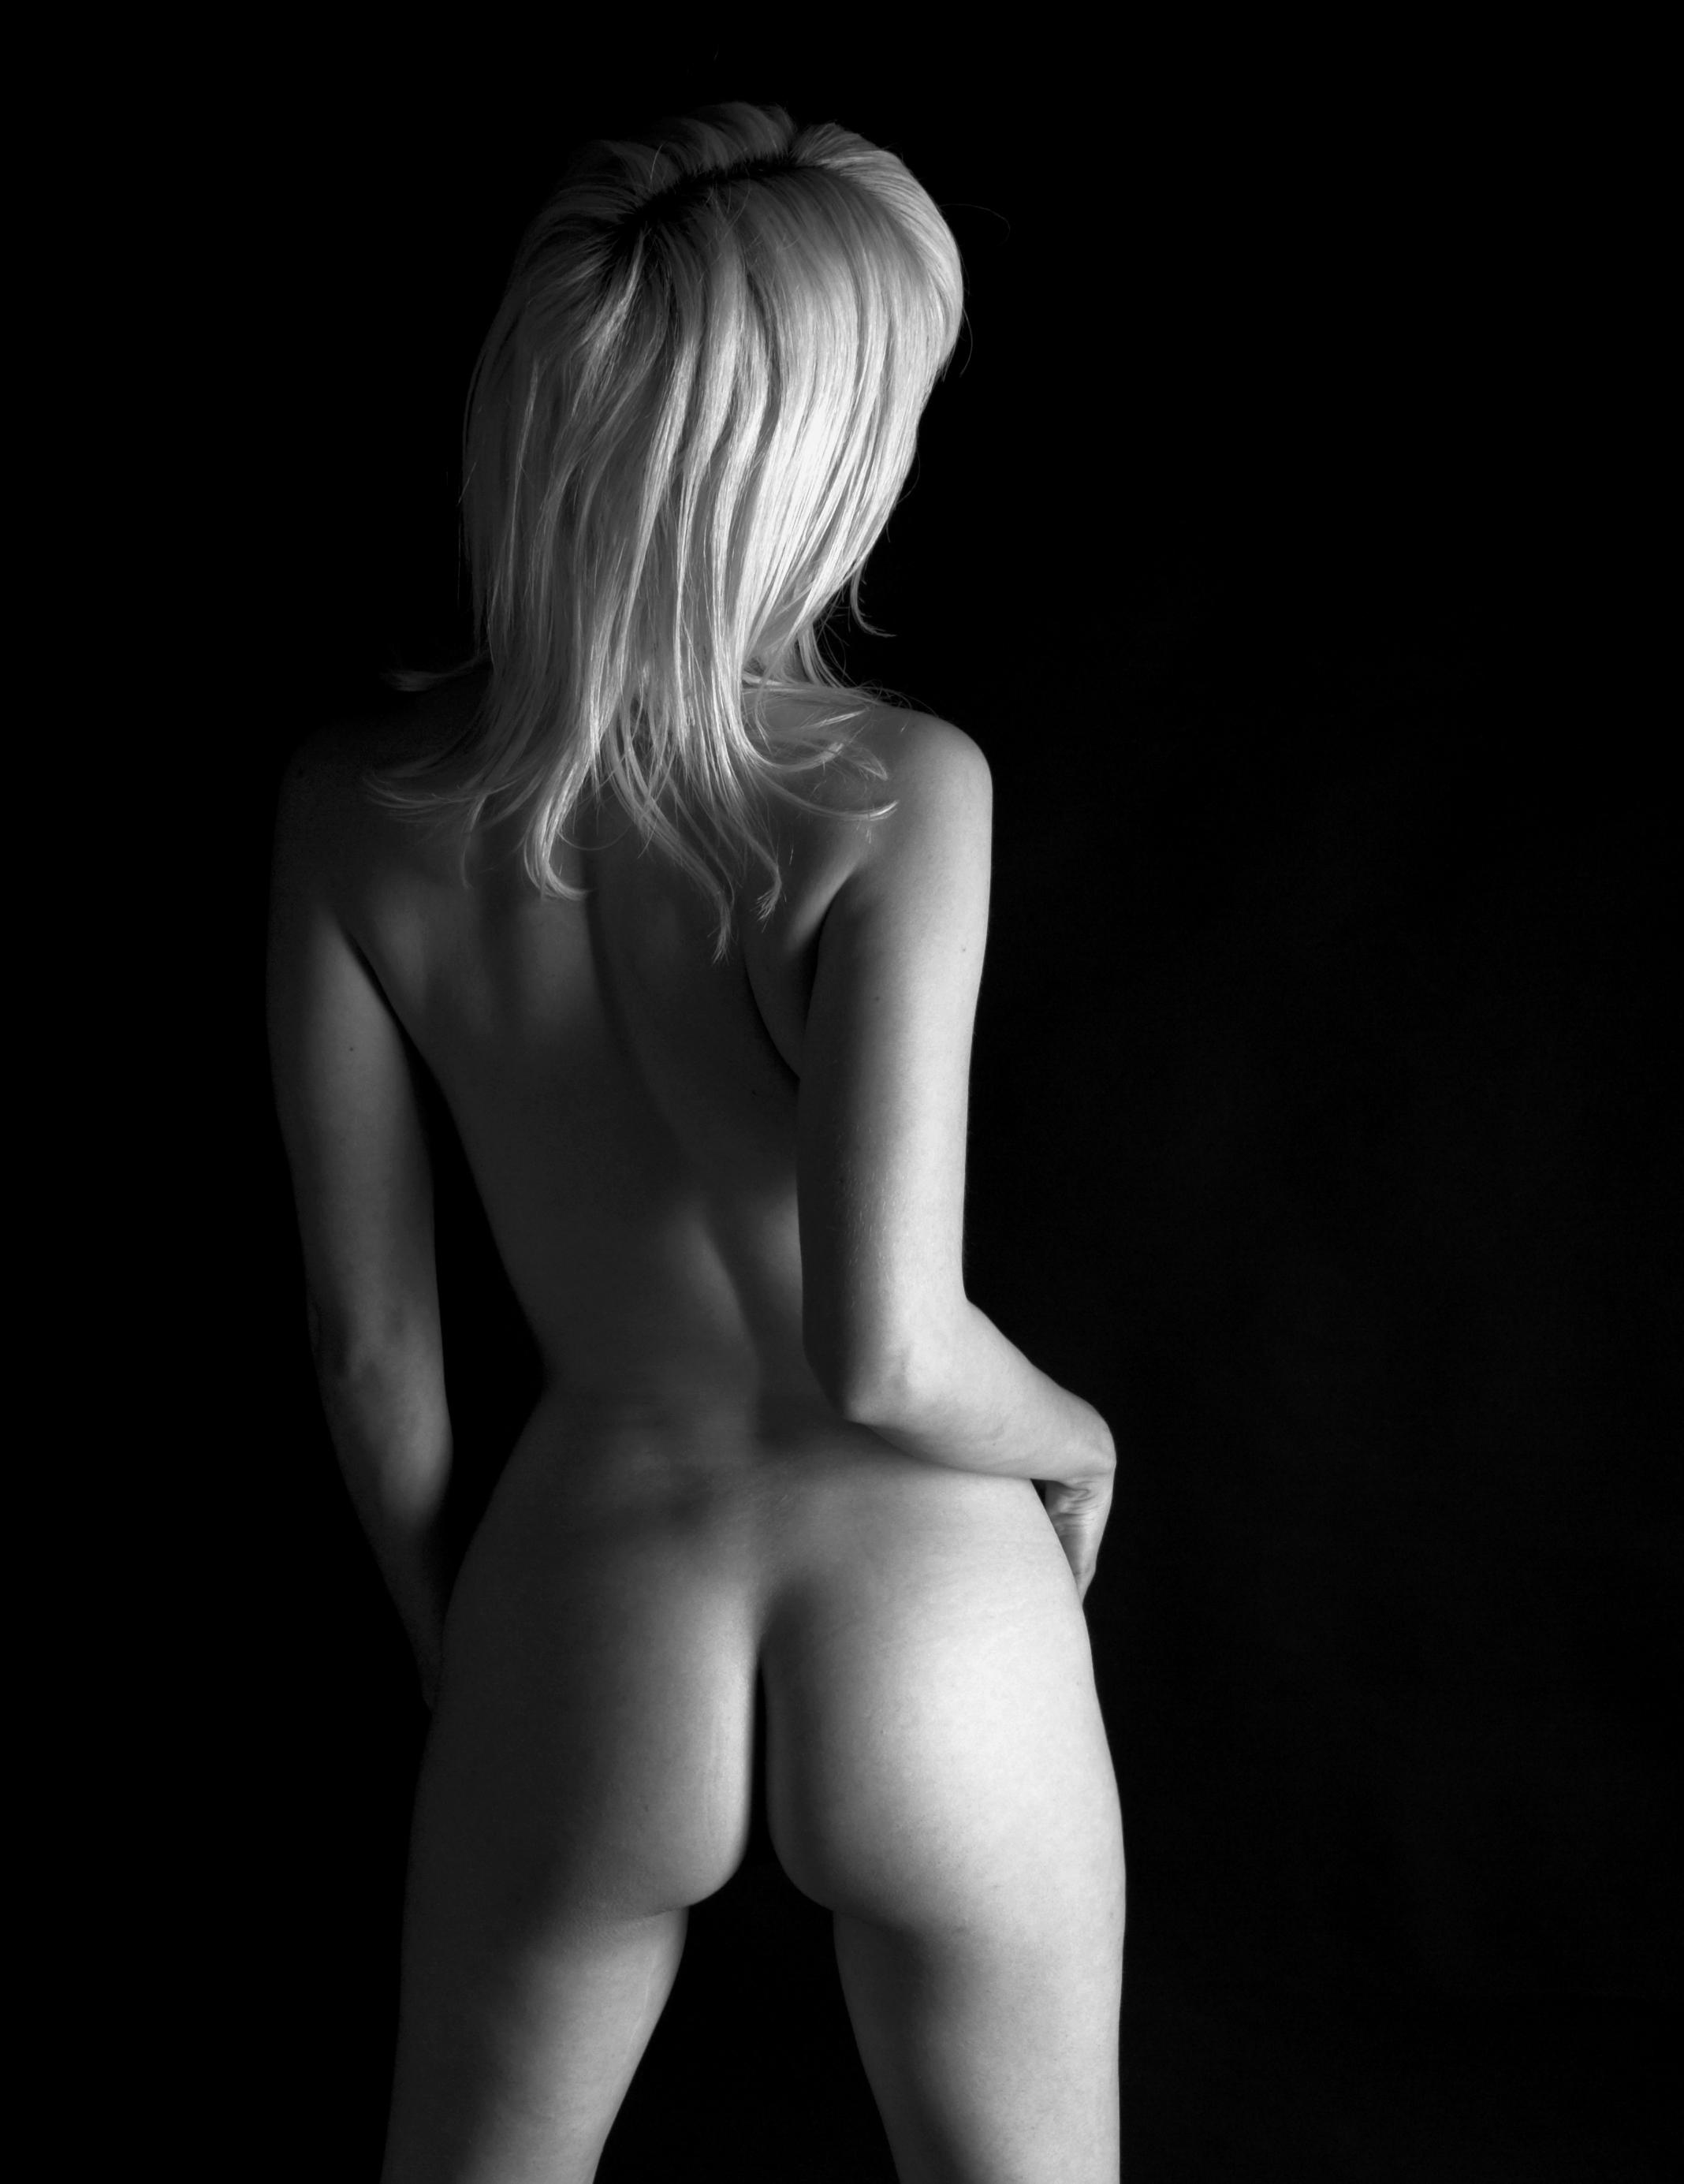 Nude back hd lady model